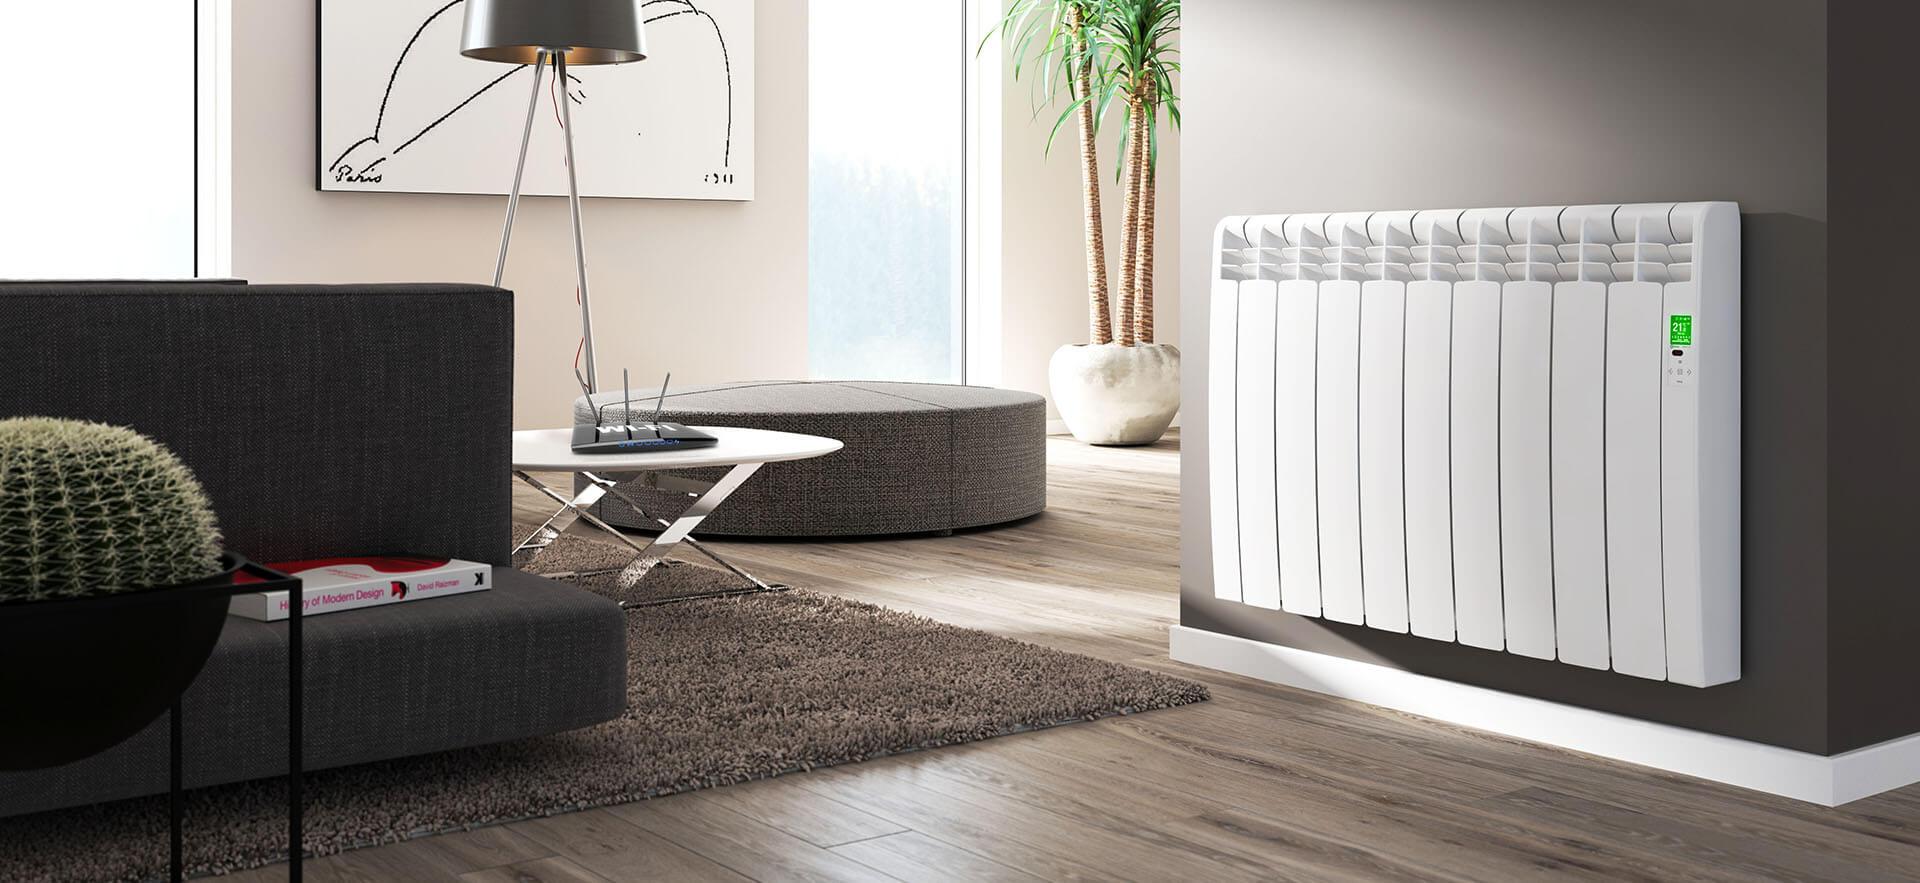 Как выбрать какие батареи ставить в квартиру — методика выбора